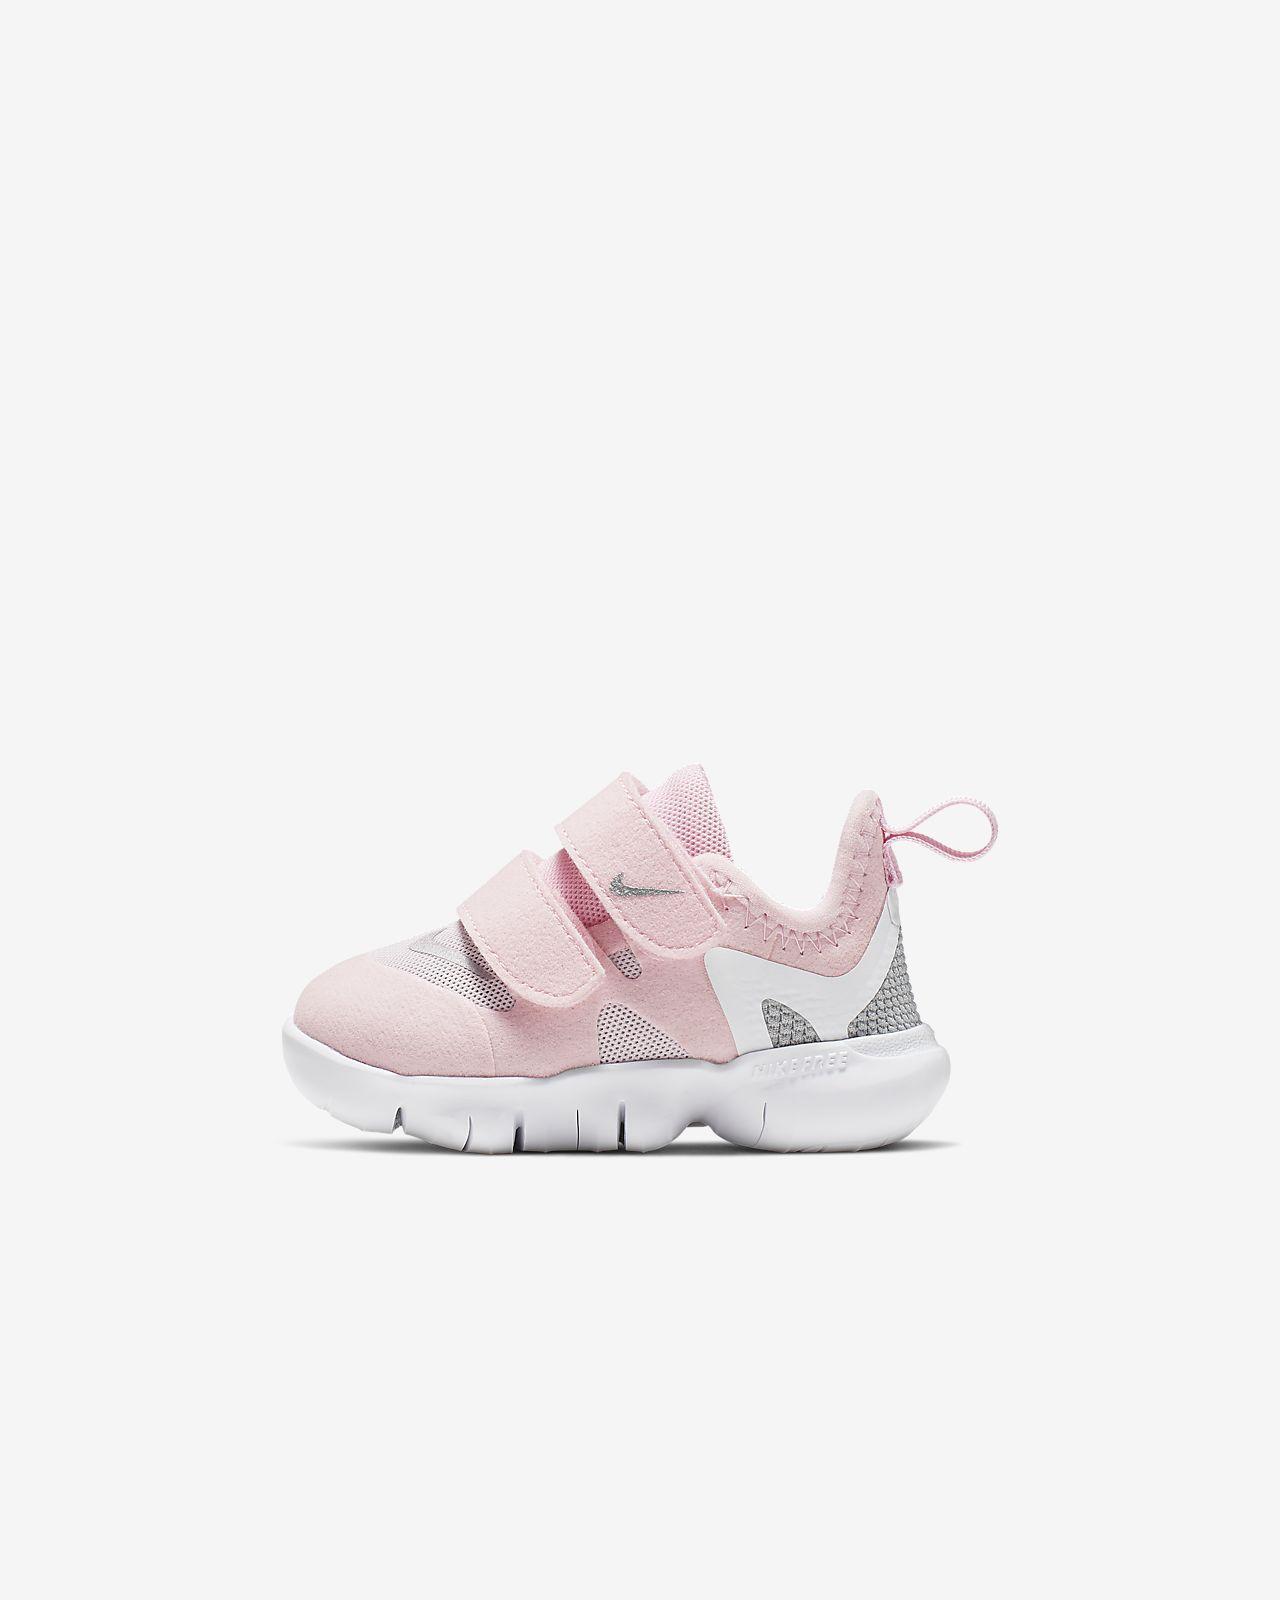 Sko Nike Free RN 5.0 för baby/små barn